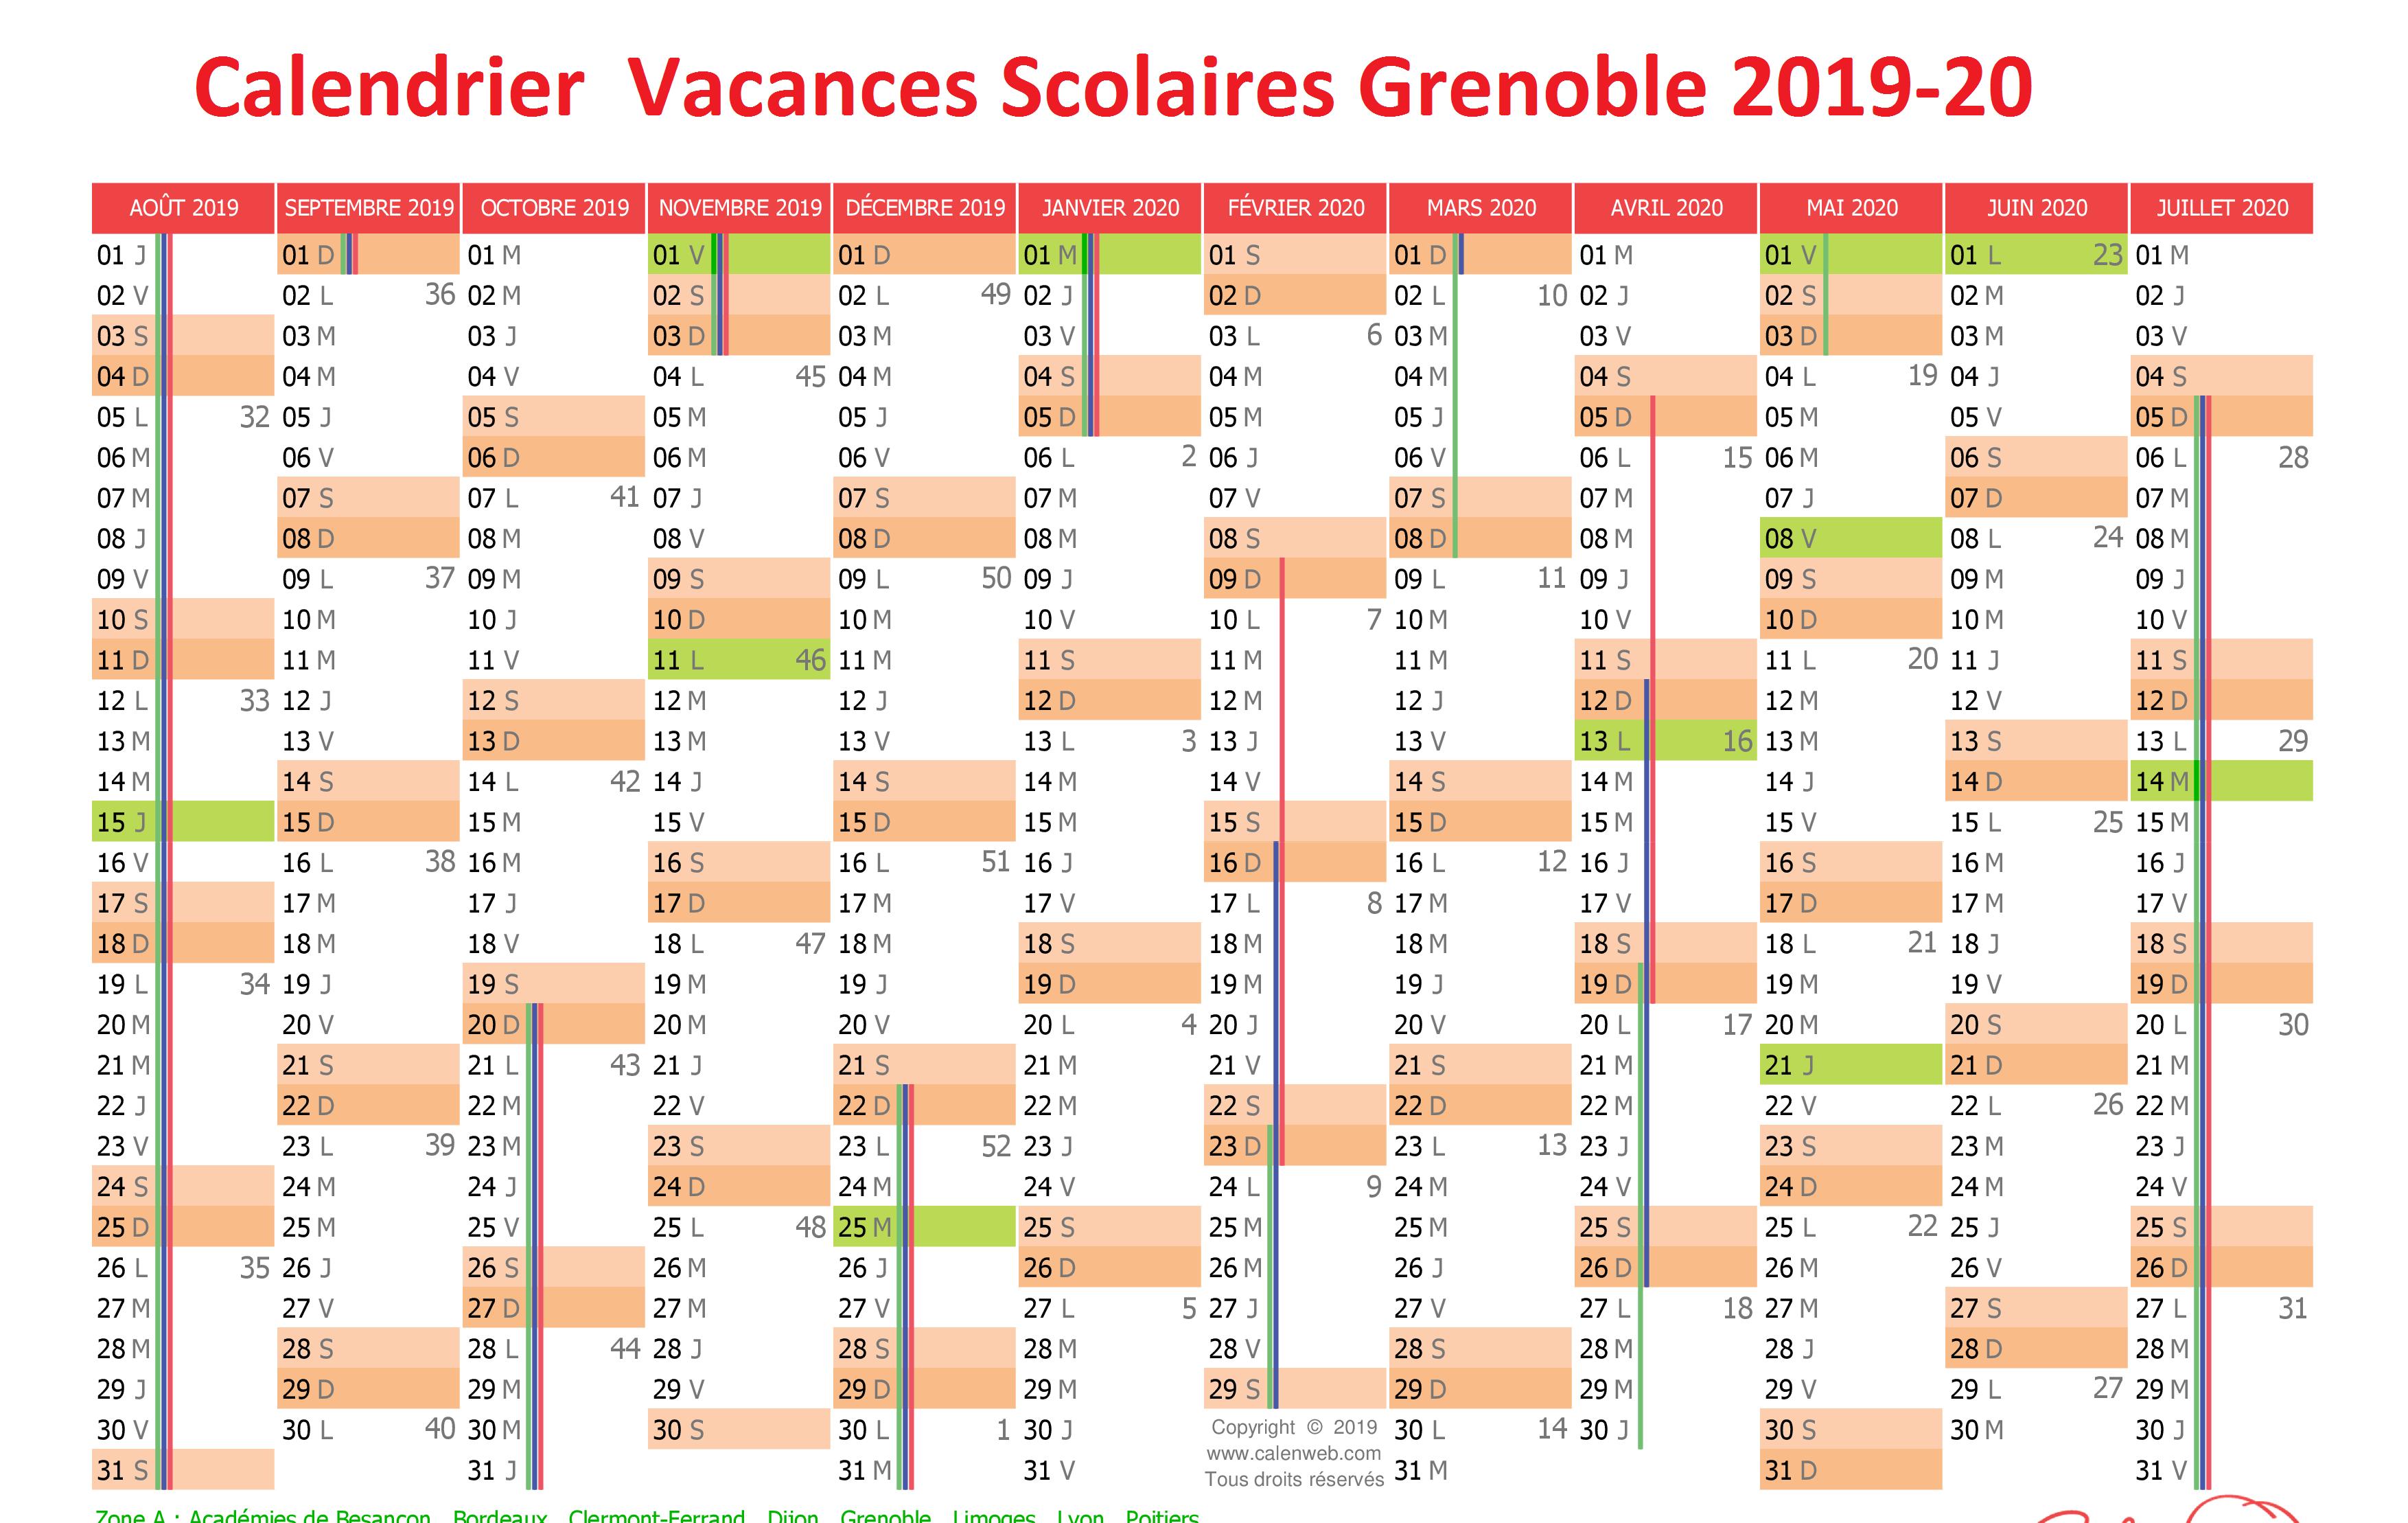 Vacances Scolaires 2019 et 2020 Grenoble